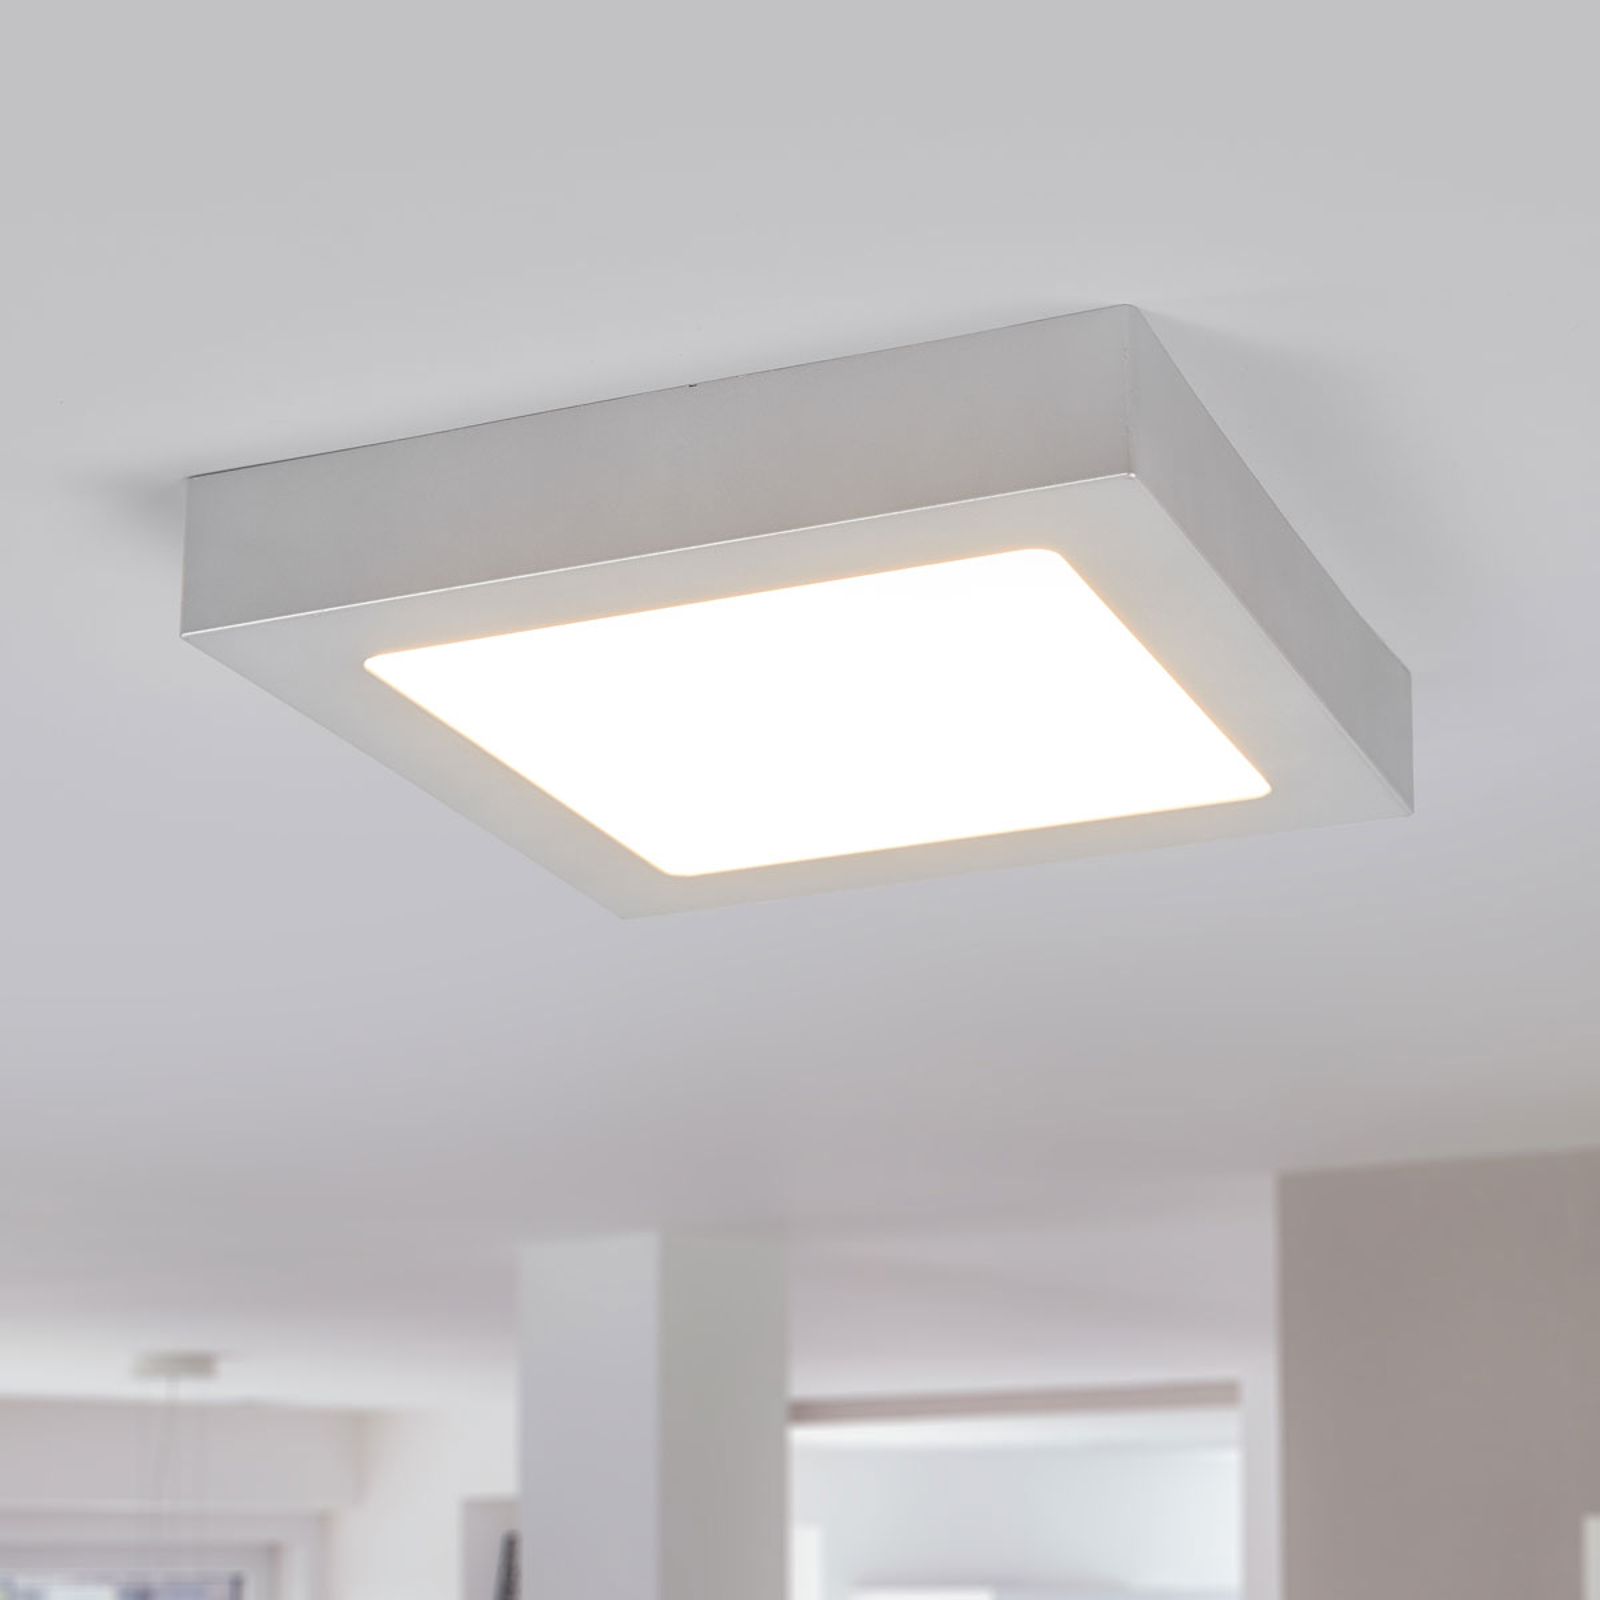 Marlo LED-loftlampe sølv 3000K kantet 23,1cm